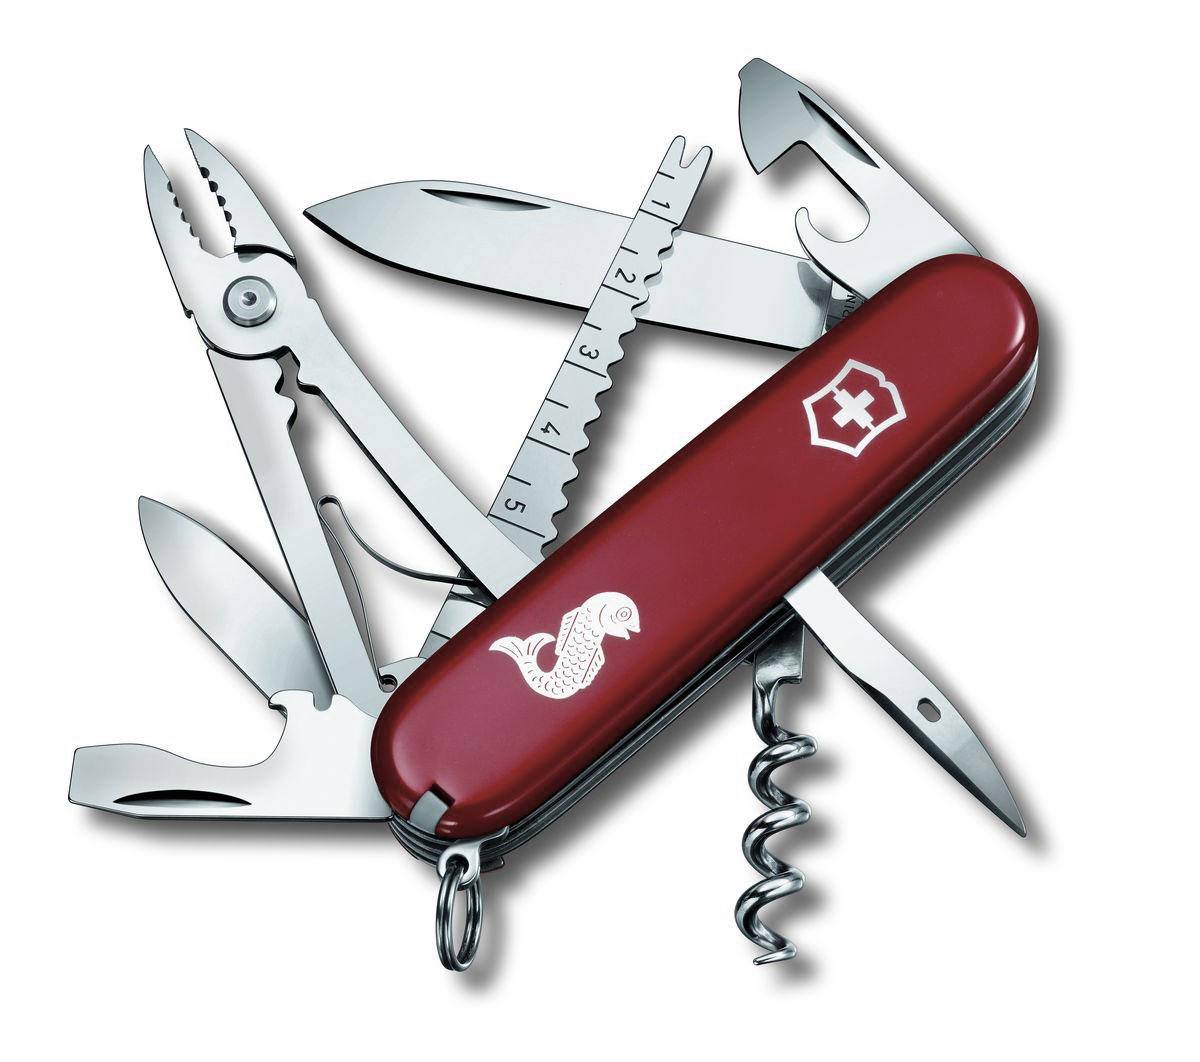 Нож перочинный Victorinox Angler, цвет: красный, 19 функций, 9,1 см1.3653.72Лезвие перочинного складного ножа Victorinox Angler изготовлено из высококачественной нержавеющей стали. Ручка, выполненная из прочного пластика, обеспечивает надежный и удобный хват.Хорошее качество, надежный долговечный материал и эргономичная рукоятка - что может быть удобнее на природе или на пикнике!Функции ножа:Большое лезвие.Малое лезвие.Штопор.Консервный нож с малой отверткой.Открывалка для бутылок с отверткой.Инструмент для снятия изоляции.Шило, кернер.Кольцо для ключей.Пинцет.Зубочистка.Инструмент для чистки рыбы с инструментом для извлечения рыболовного крючка.Линейка (сантиметры и дюймы).Плоскогубцы с кусачками для проводов и инструментом для обжима проводов.Длина ножа в сложенном виде: 9,1 см.Длина ножа в разложенном виде: 16 см.Длина большого лезвия: 7 см. Длина малого лезвия: 4 см.